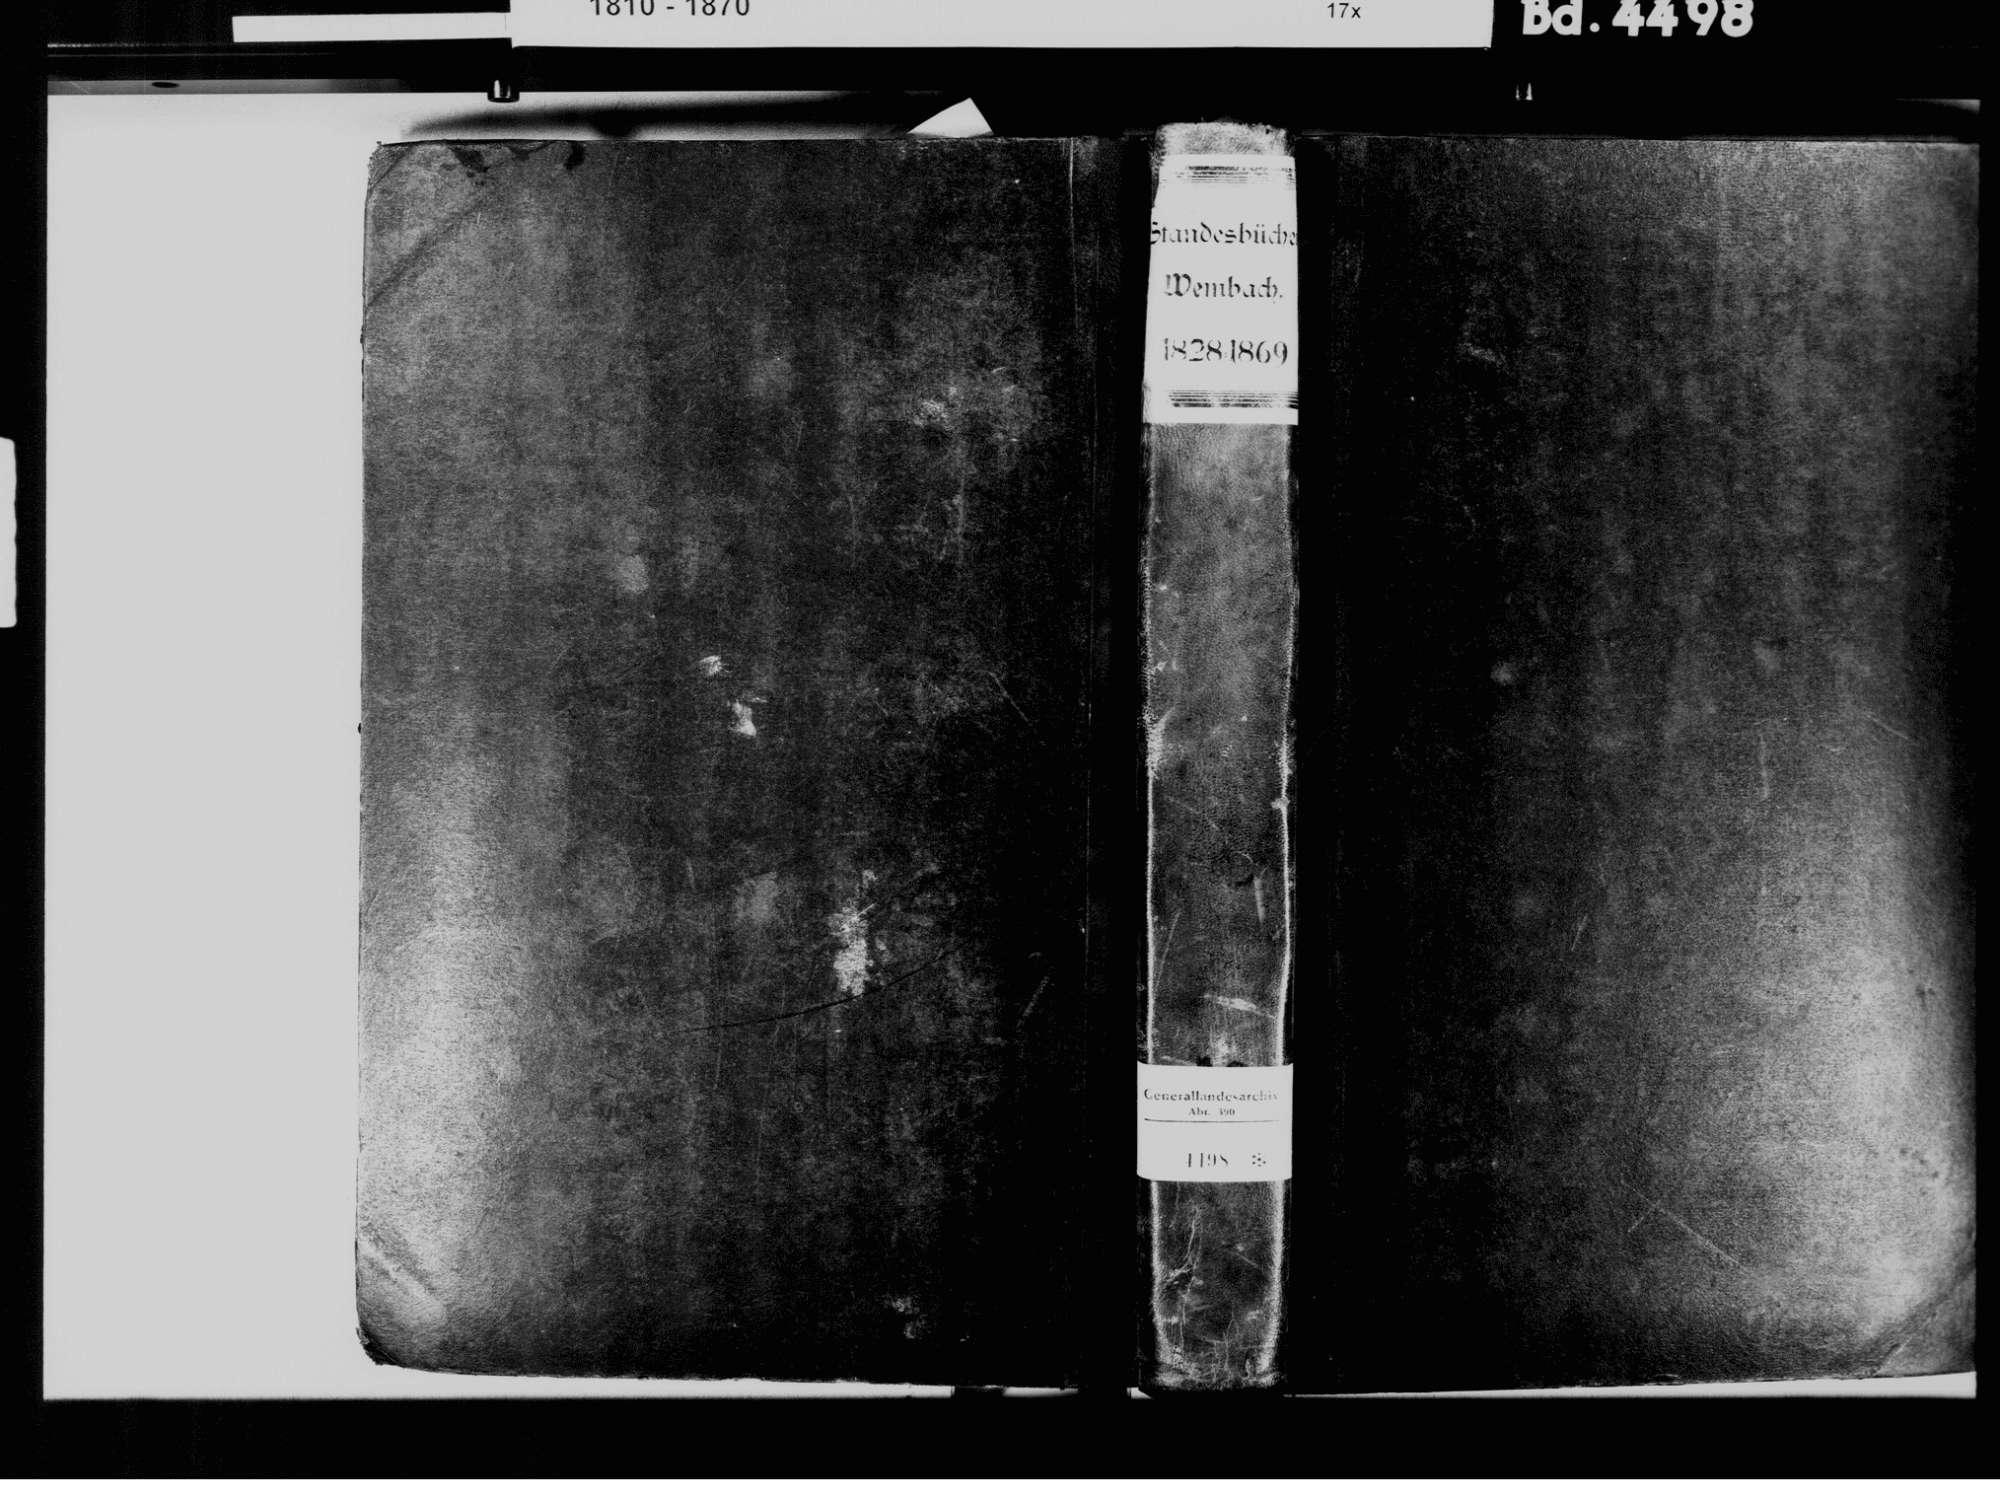 Wembach LÖ; Katholische Gemeinde: Standesbuch 1828-1869, Bild 2